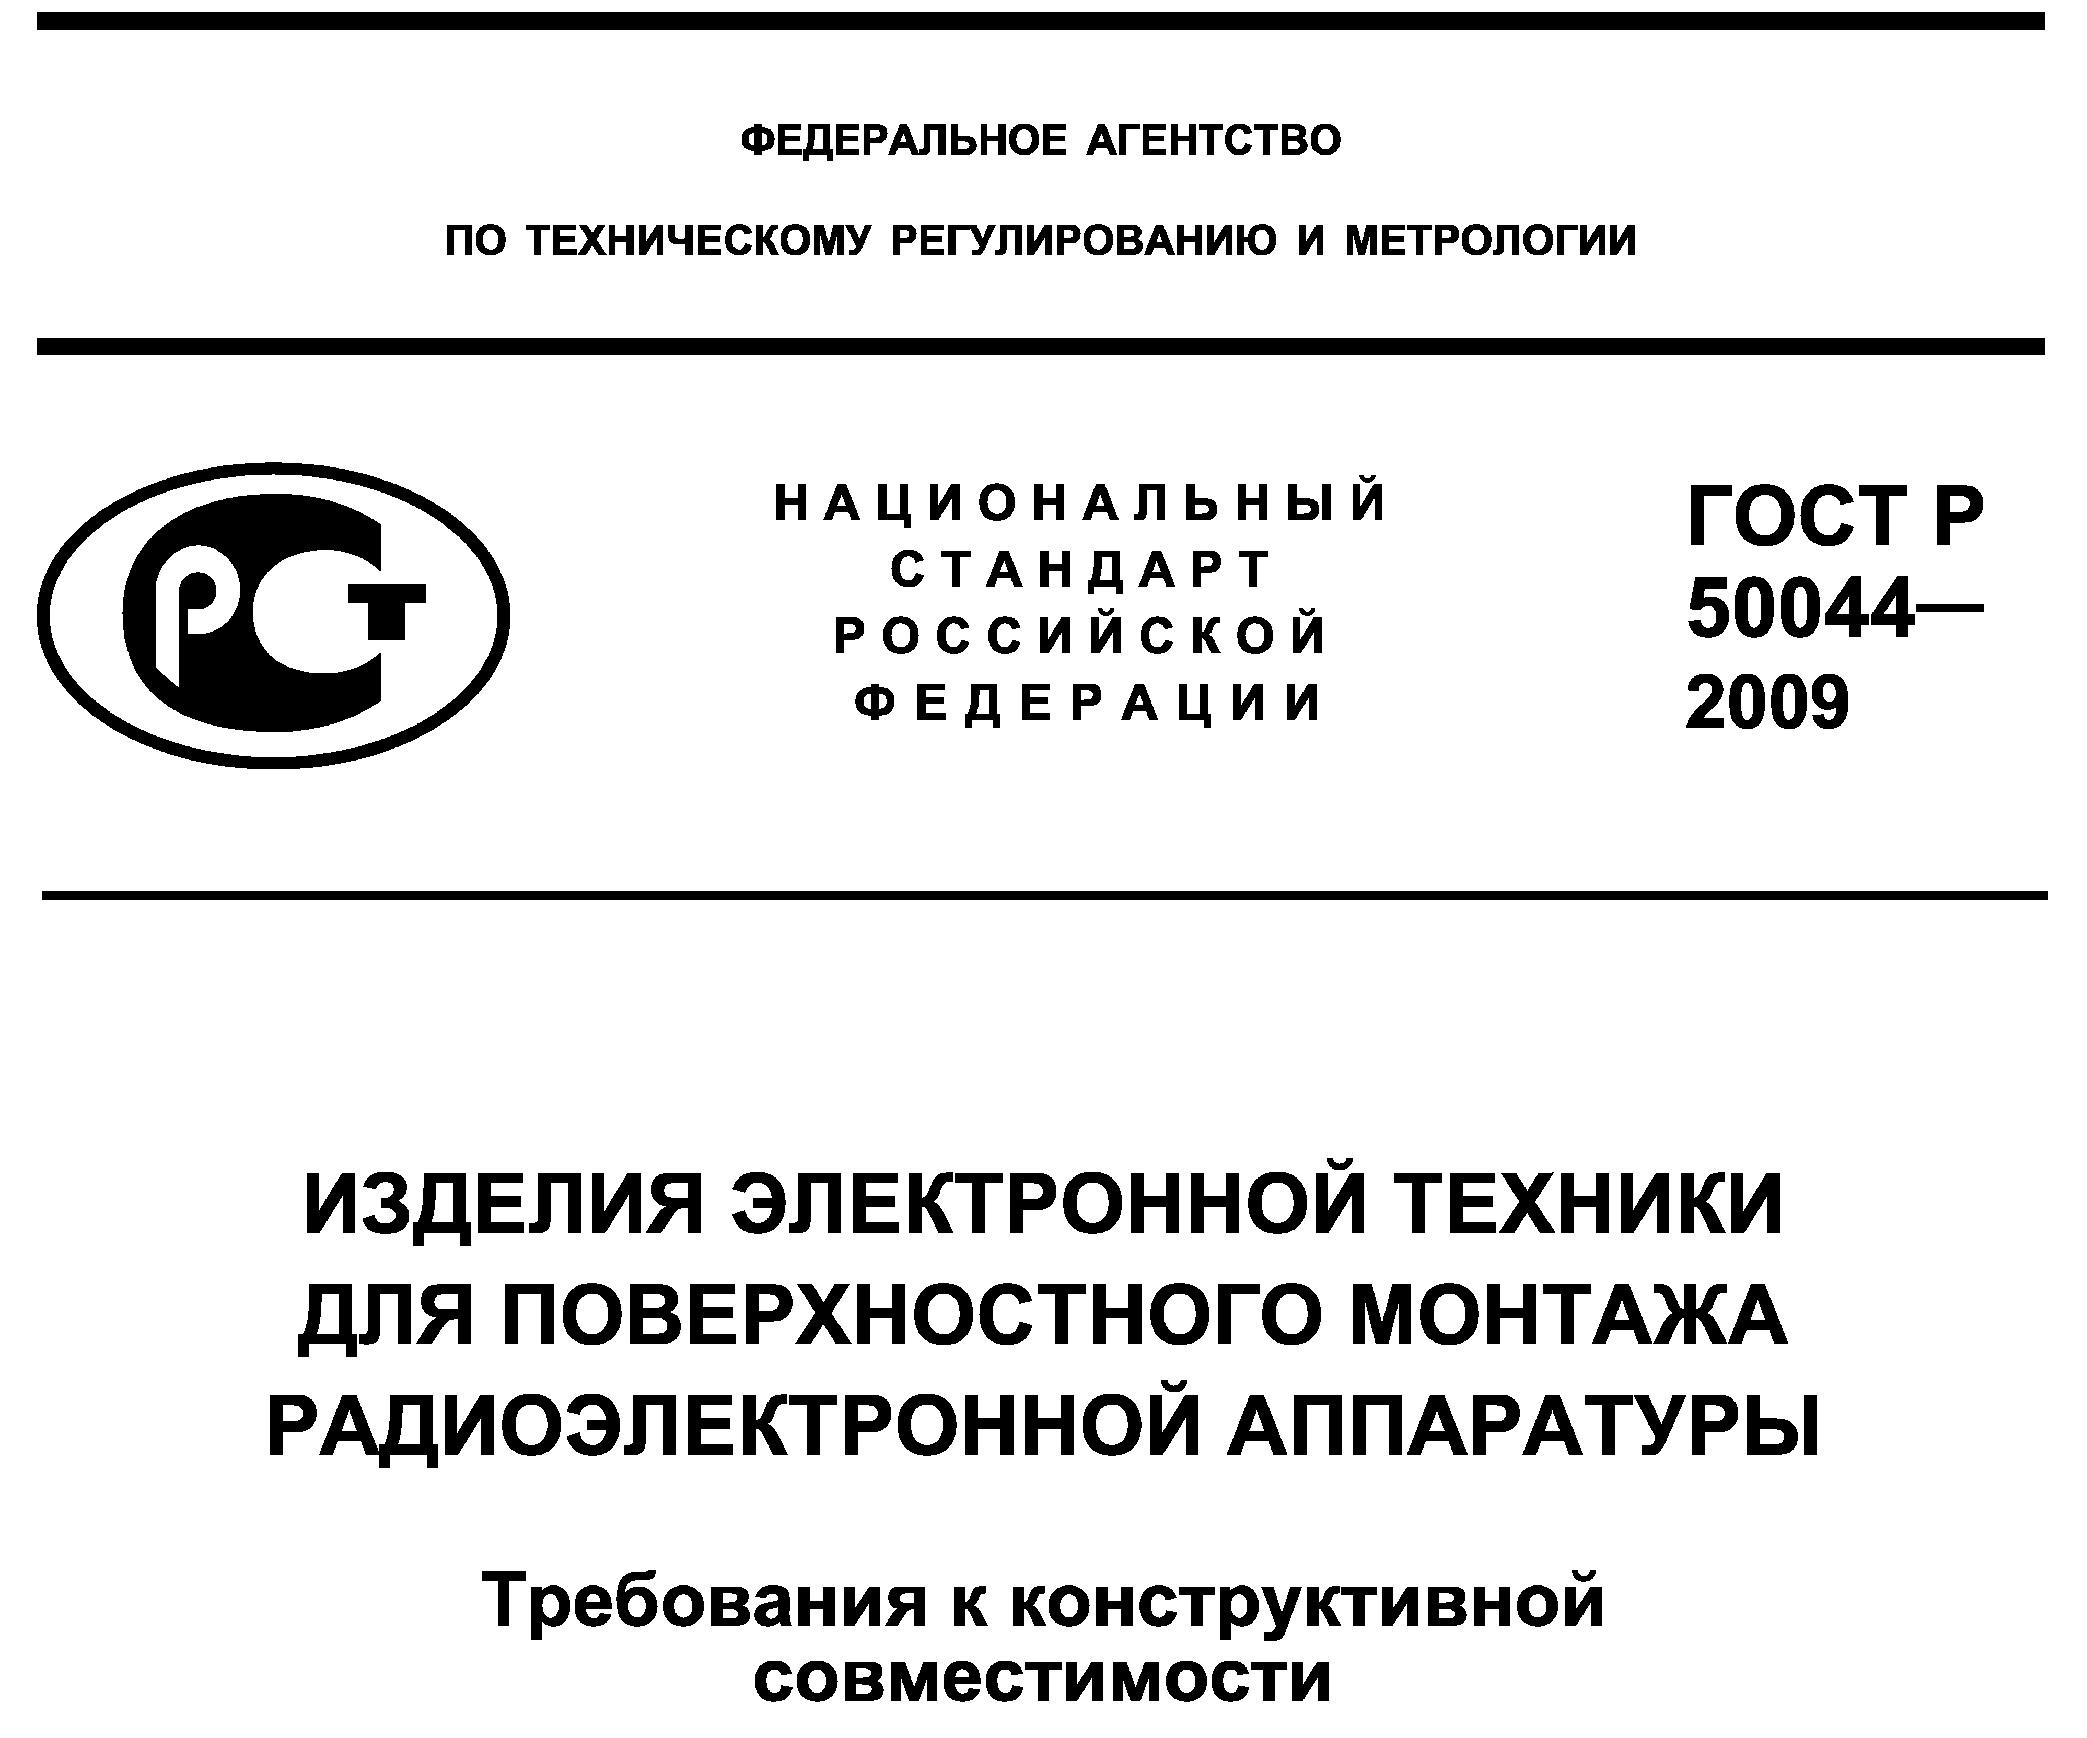 Методология и нормативная база разработки и производства РС